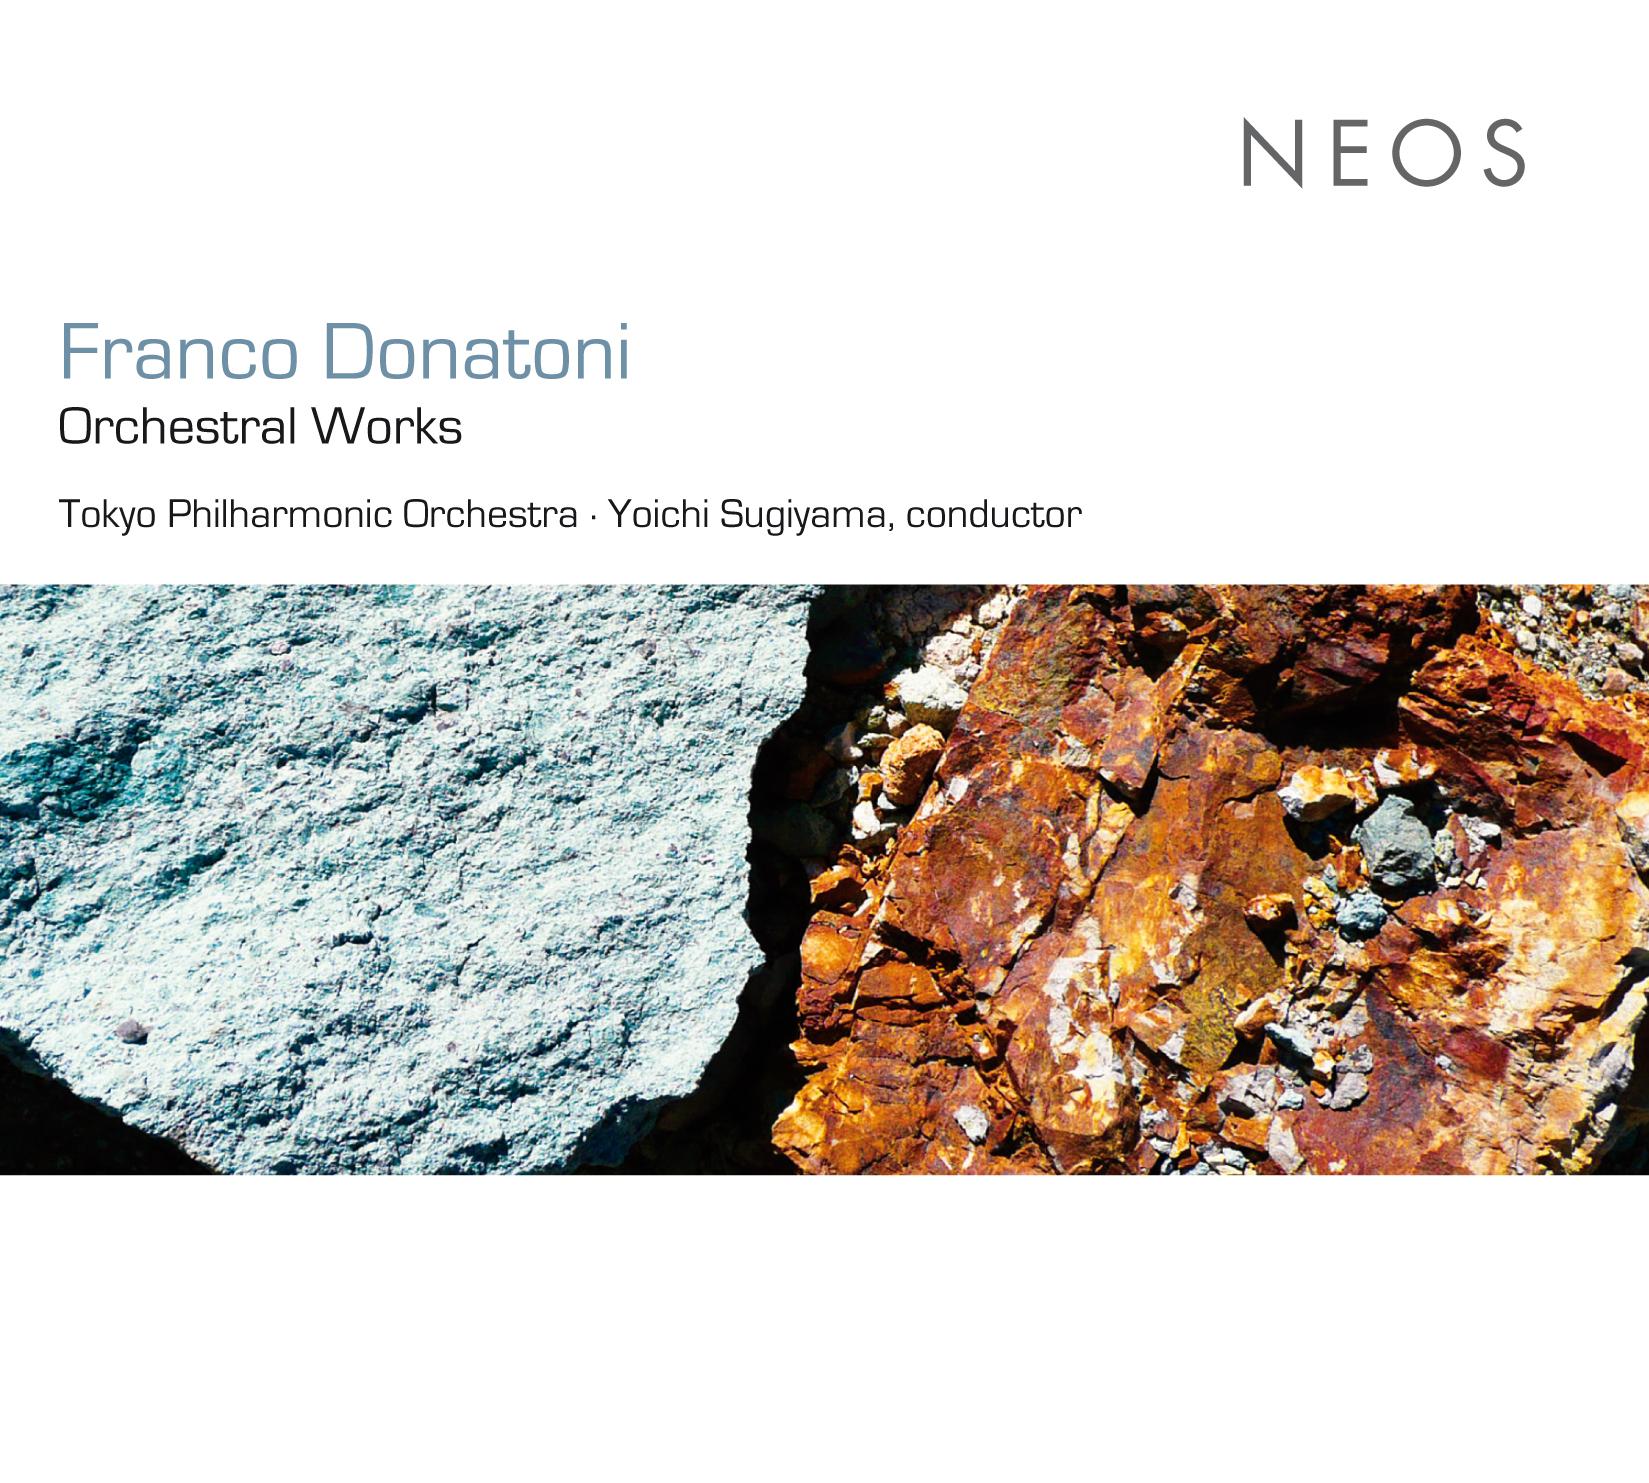 NEOS_11410_Donatoni